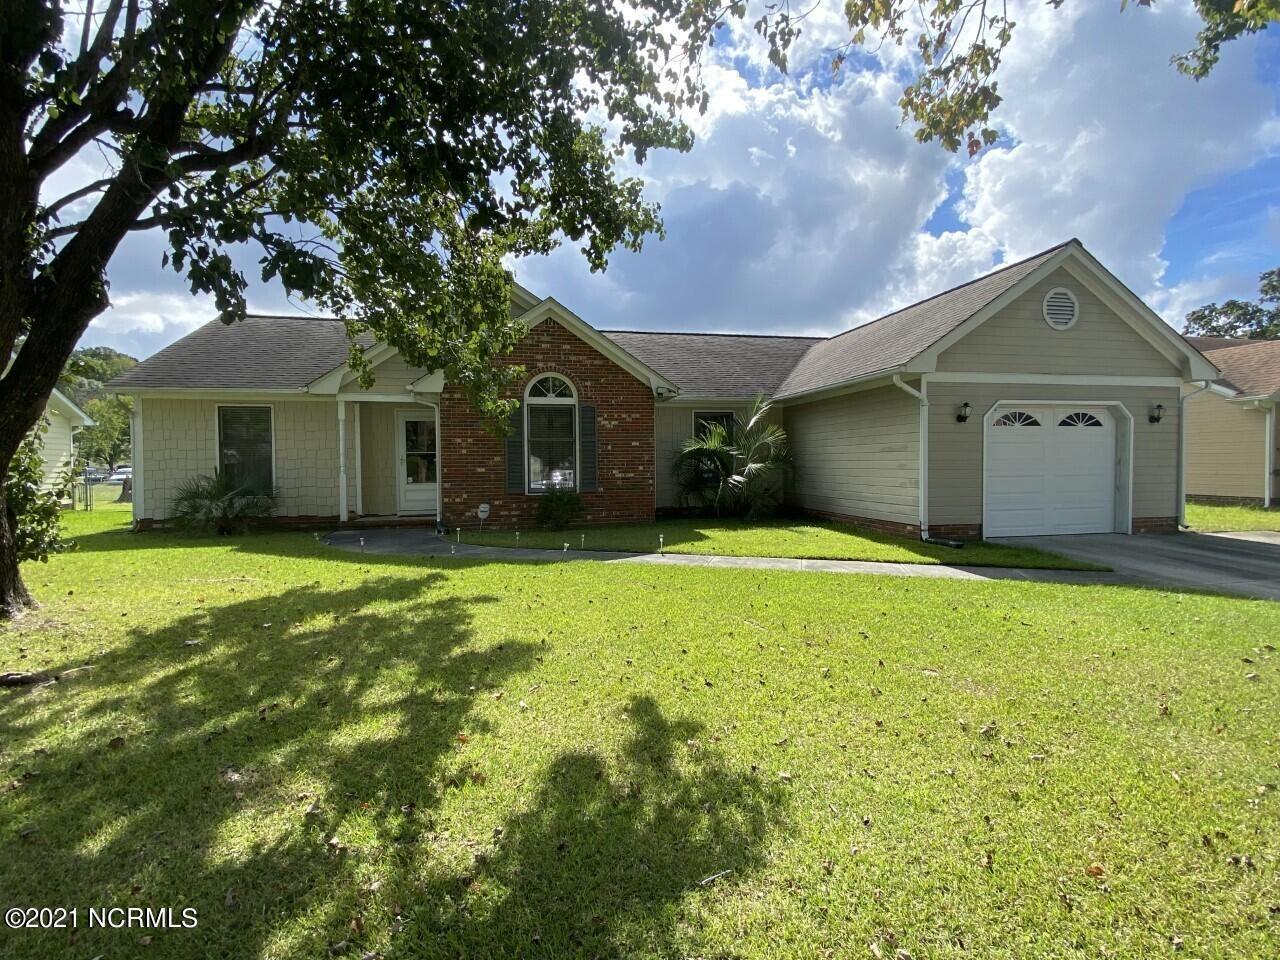 Photo of 403 Raintree Road, Jacksonville, NC 28540 (MLS # 100293593)